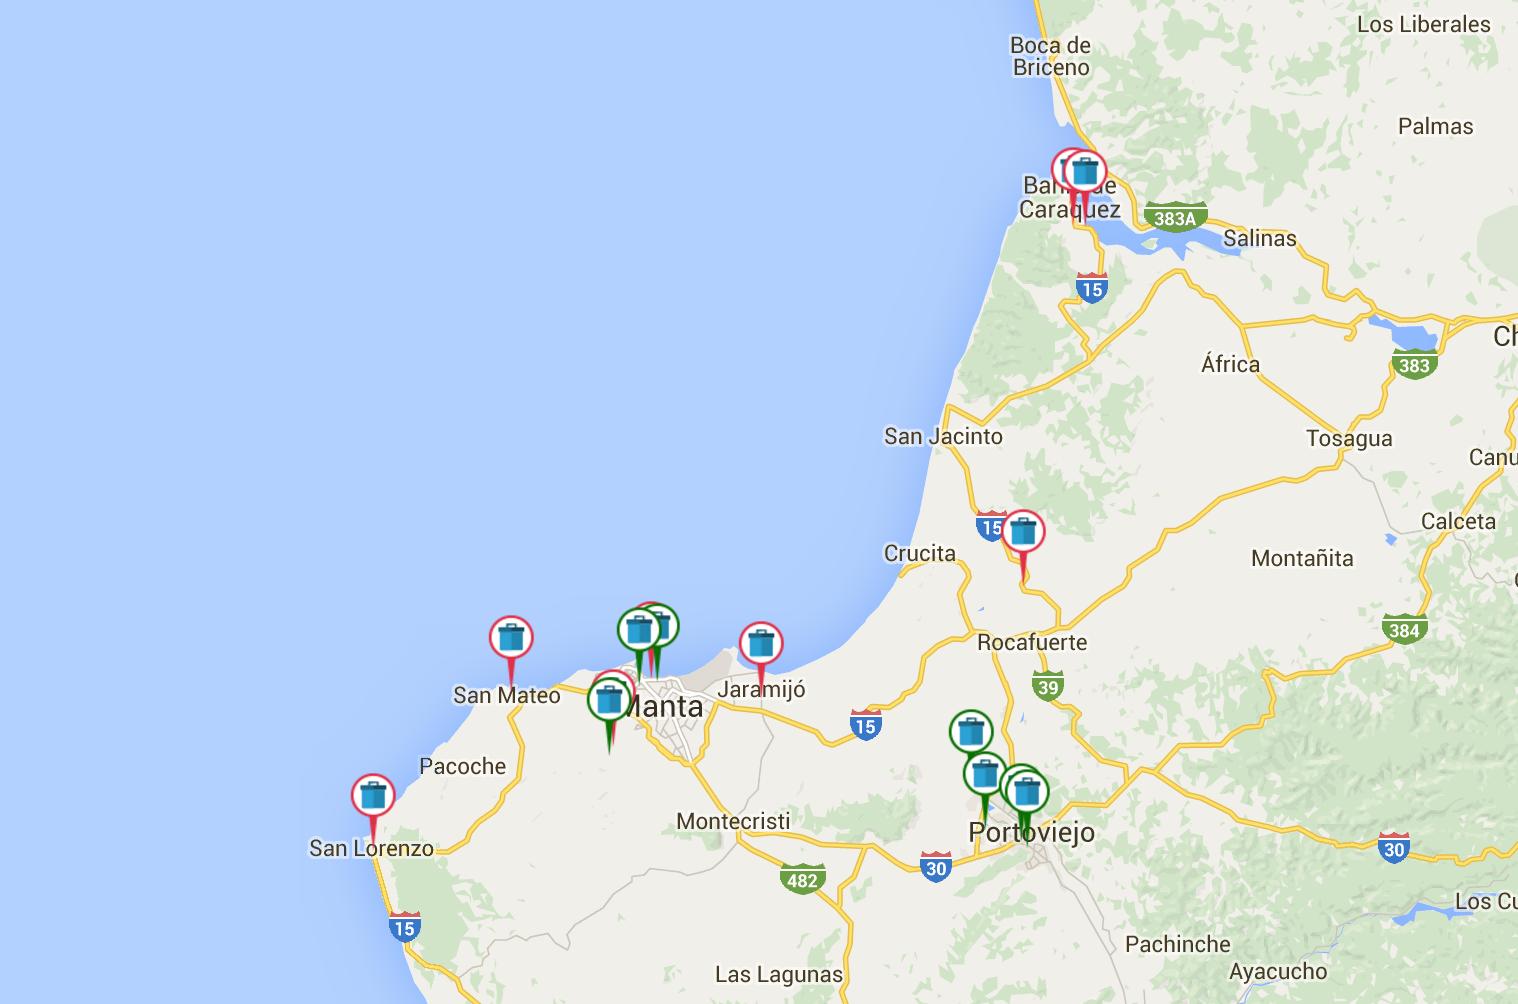 Captura de pantalla 2016-04-25 a las 16.22.15 {focus_keyword} Sistema de monitoreo de tanques de agua bebible para las víctimas del terremoto en Ecuador Captura de pantalla 2016 04 25 a las 16